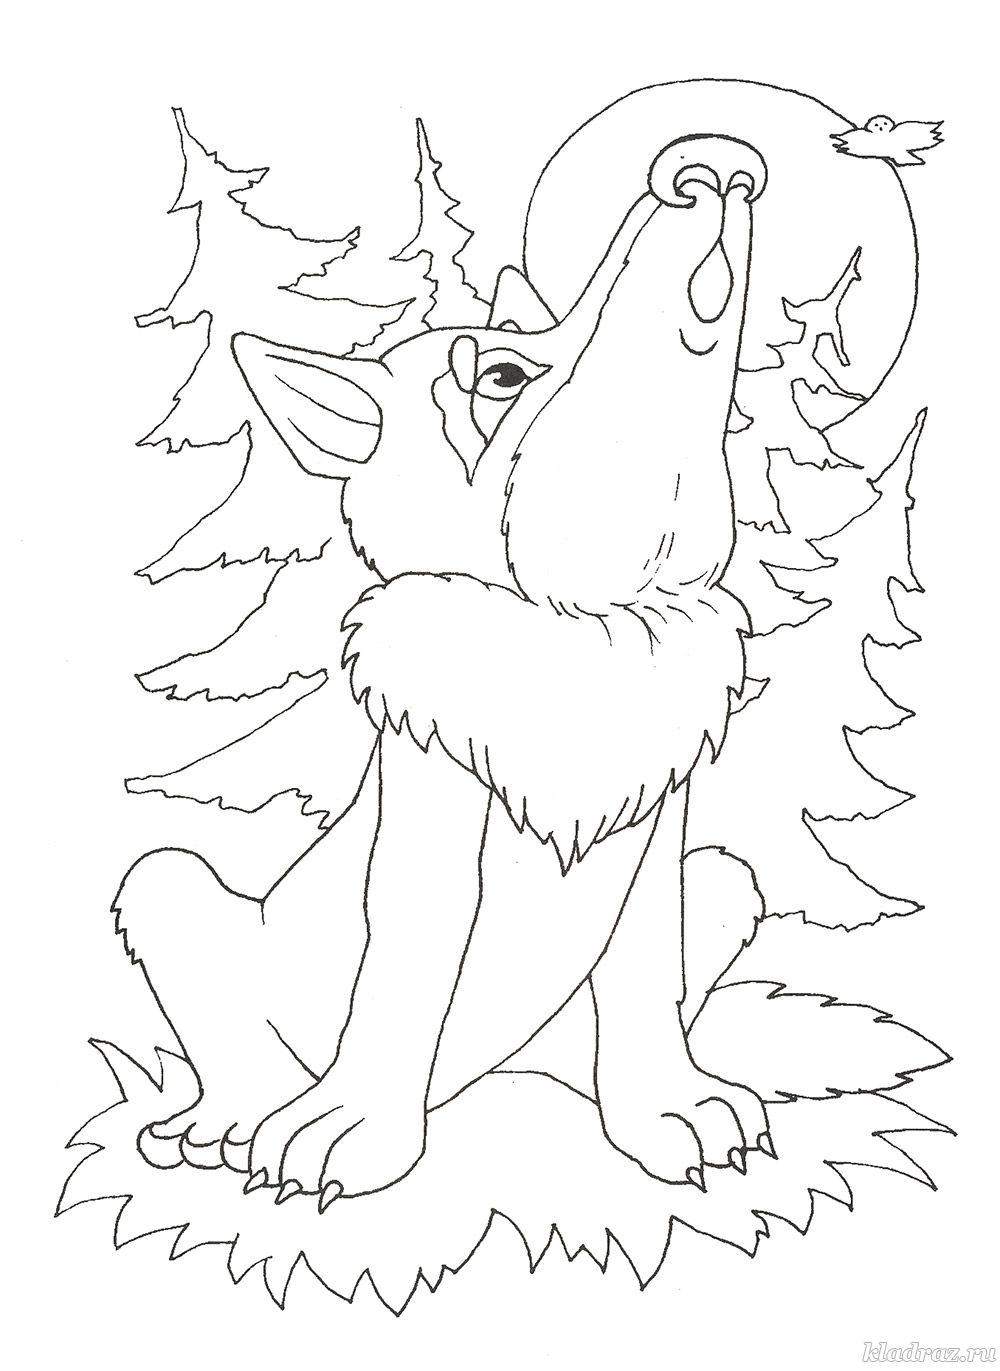 Раскраска для детей 6-8 лет. Волк